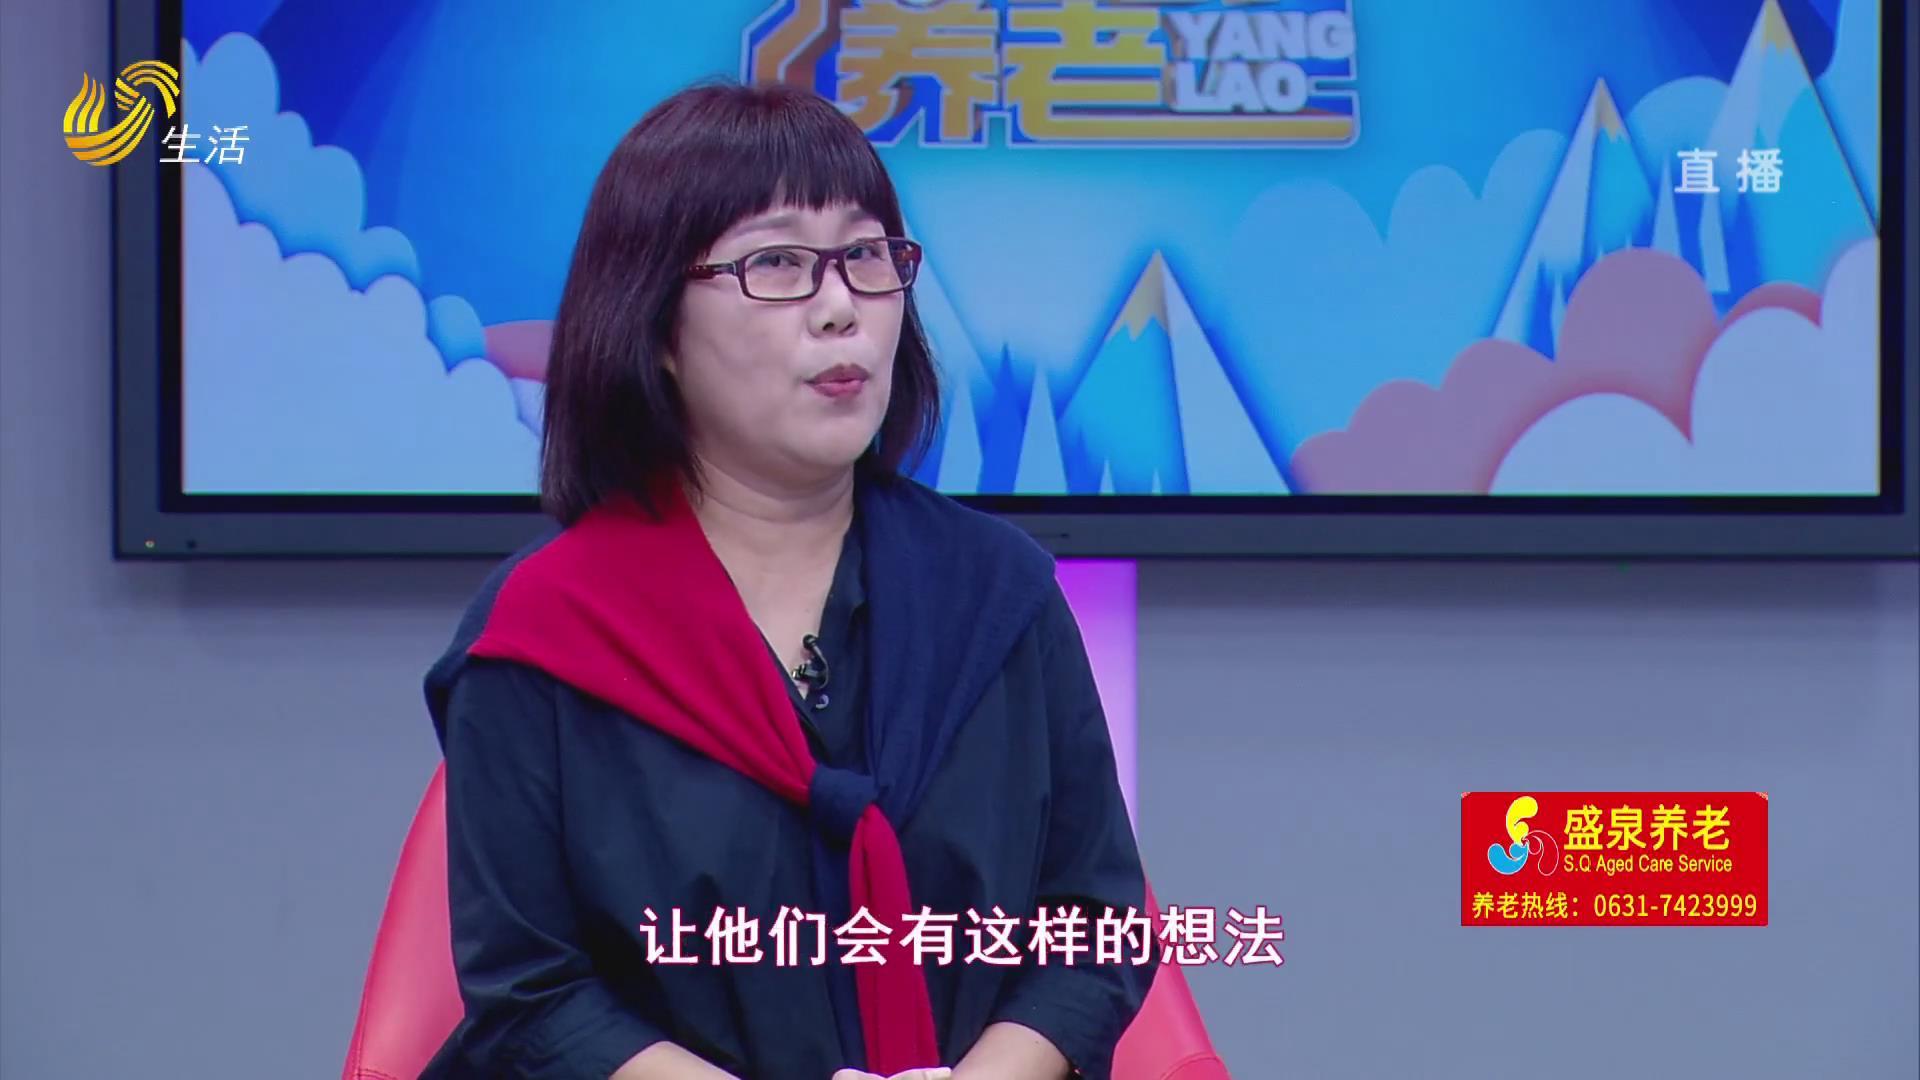 """中国式养老-招募队员 这个队长要求有点""""高"""""""